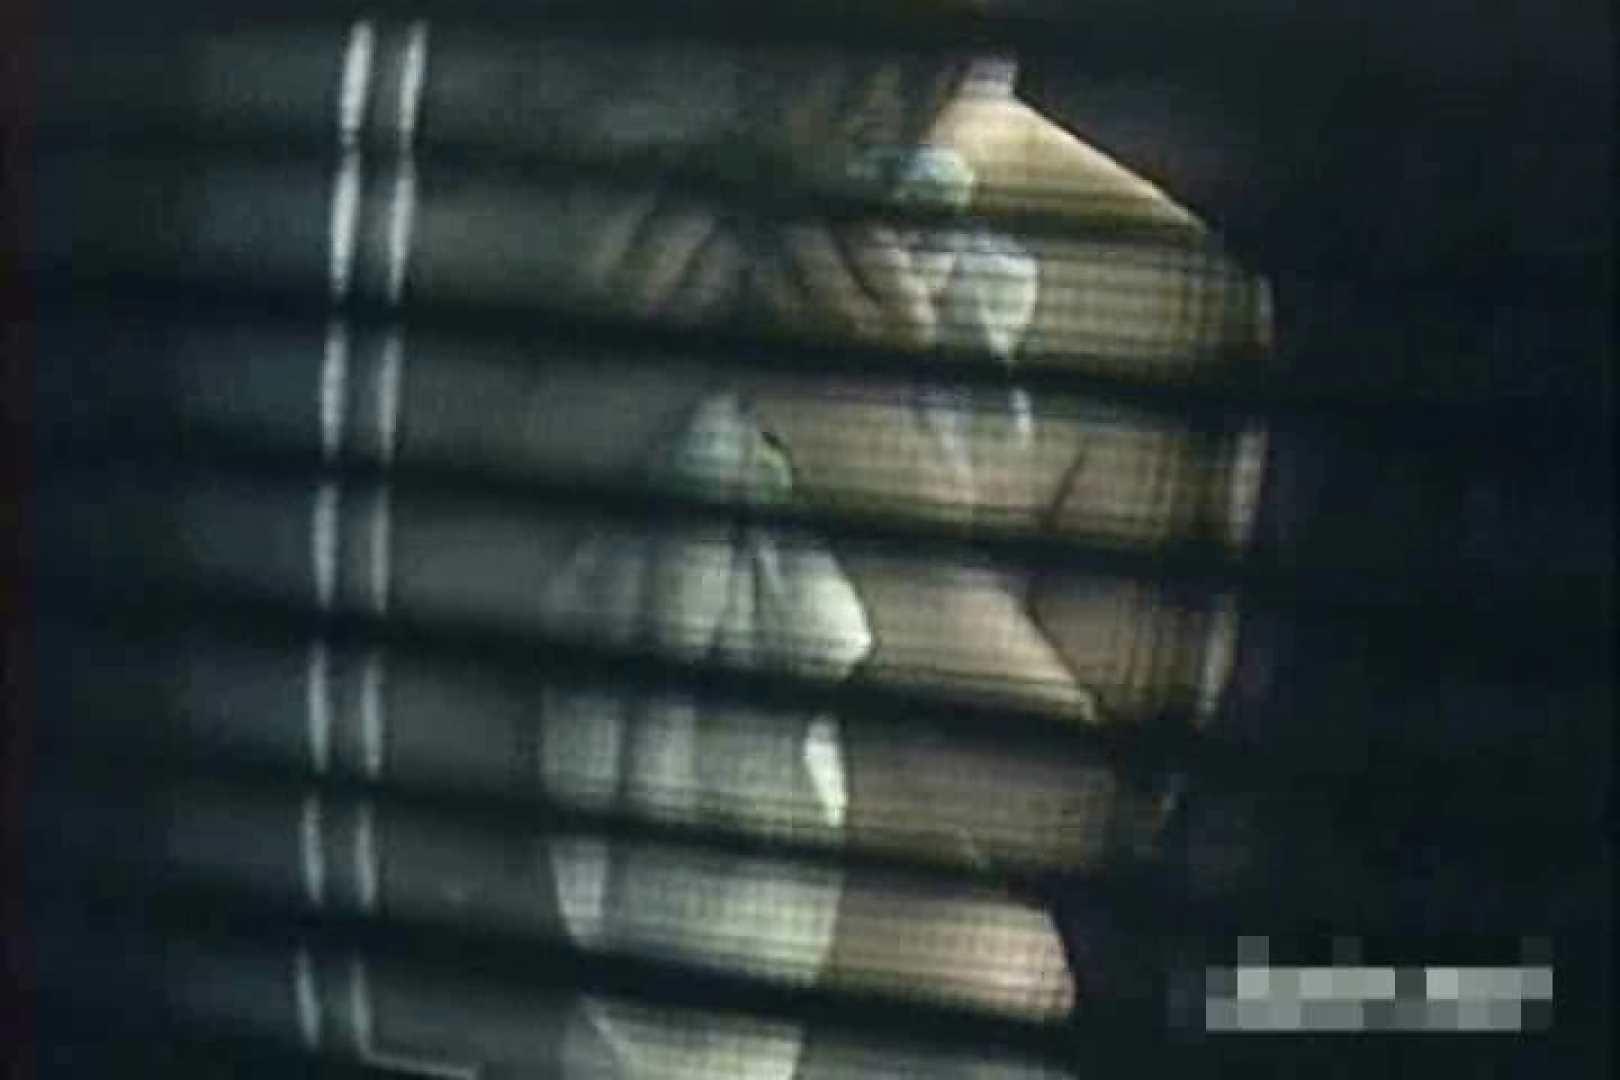 激撮ストーカー記録あなたのお宅拝見しますVol.3 ハプニング 盗み撮り動画 88画像 77